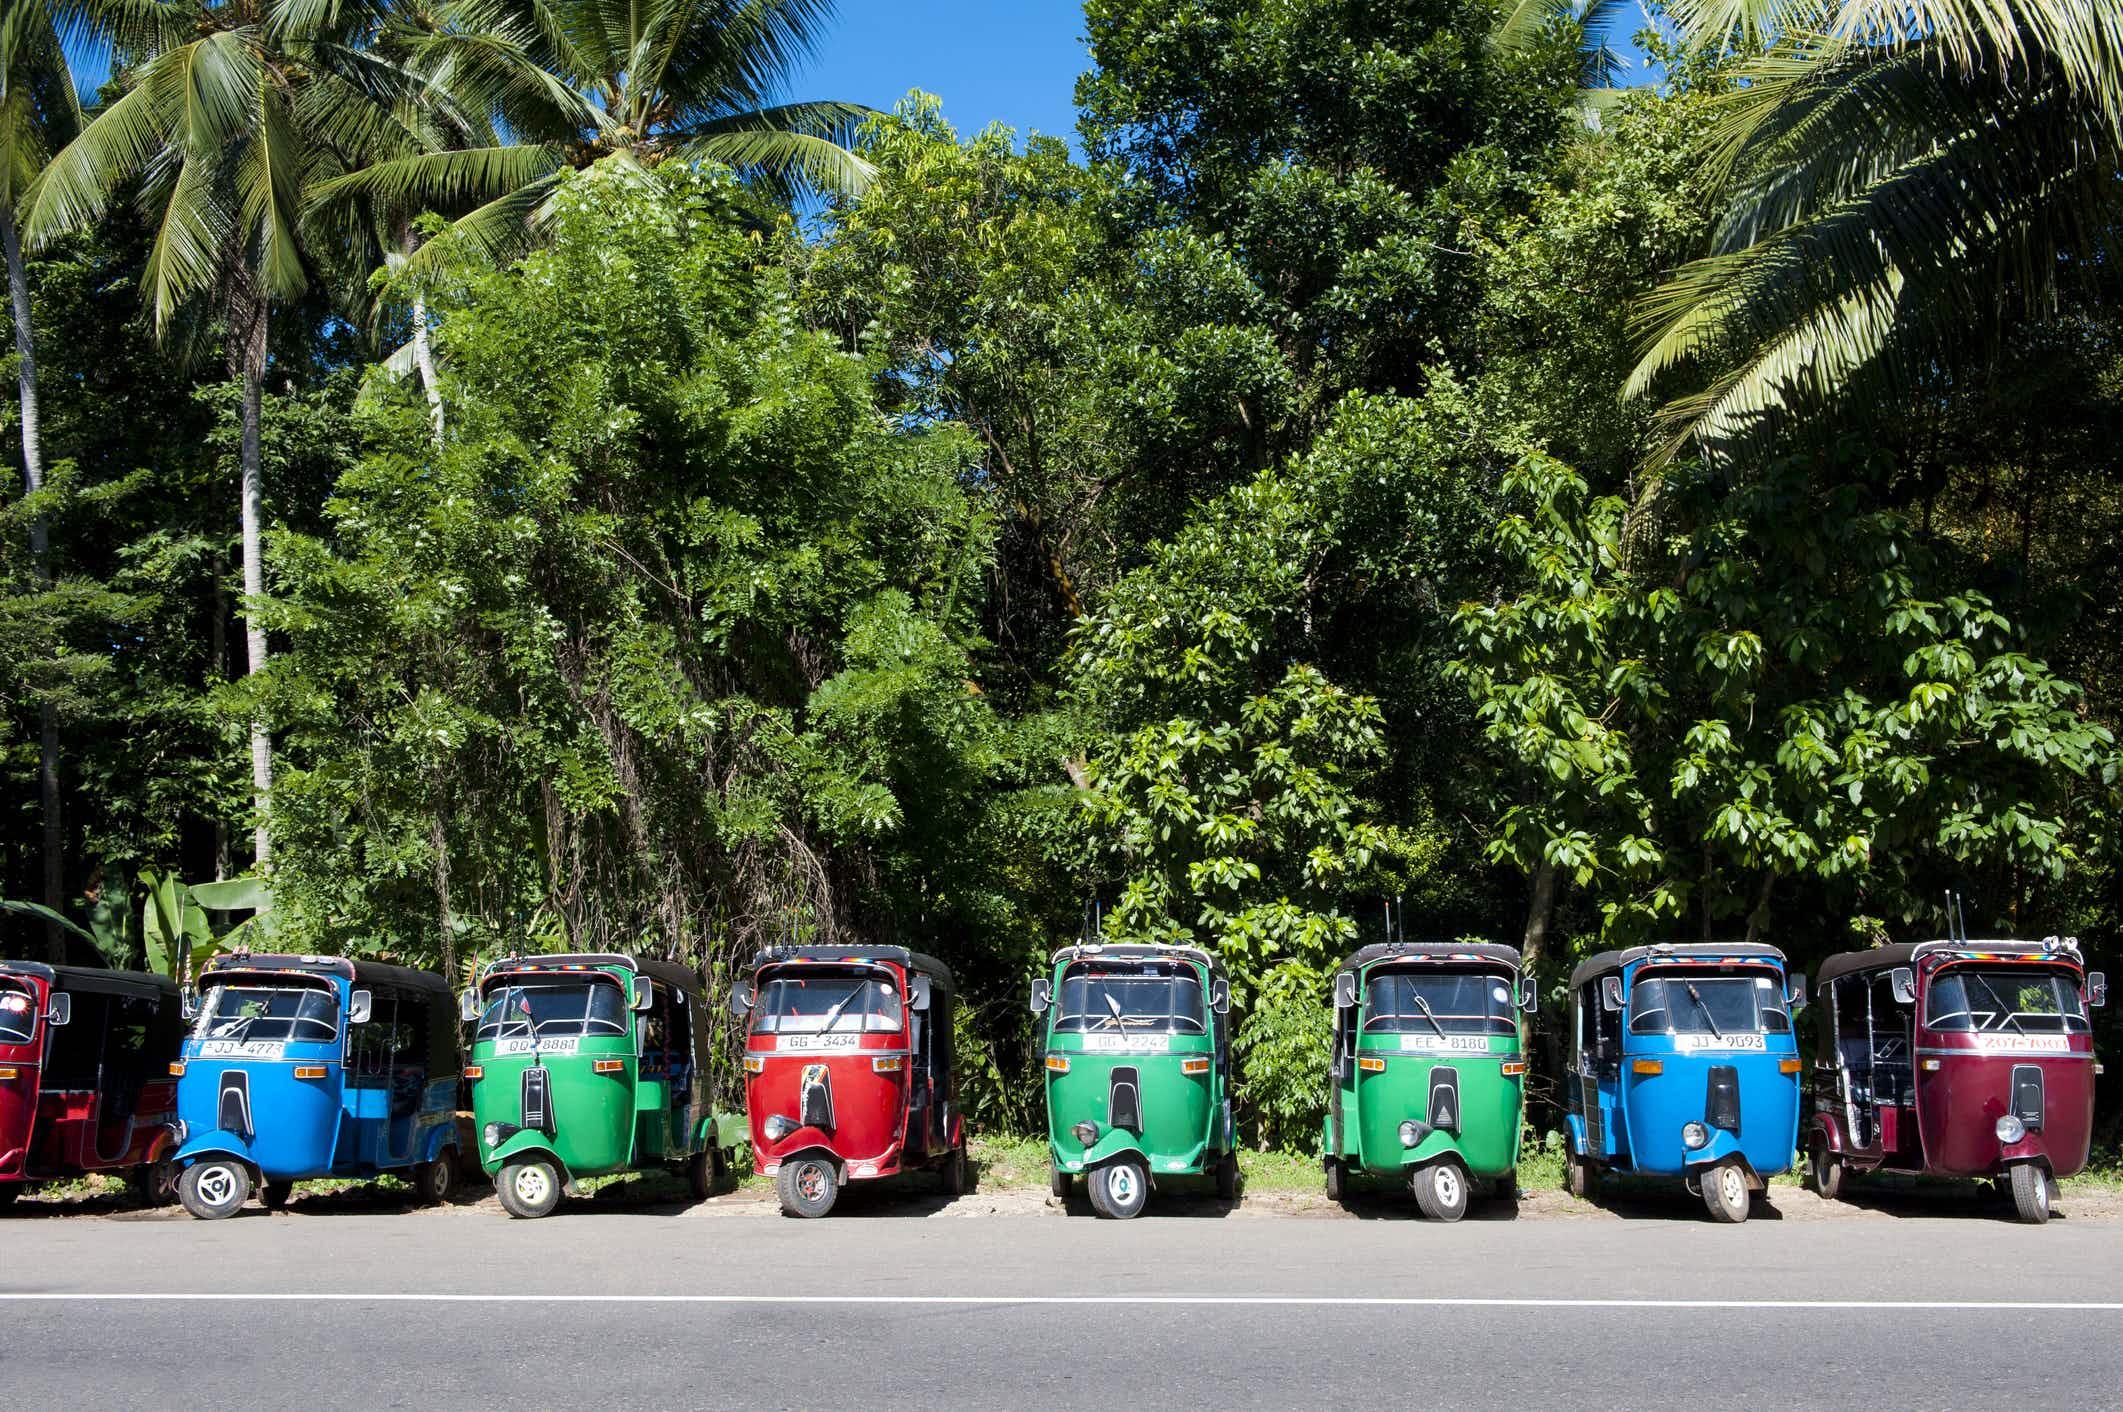 Sri Lanka's tuk-tuks to go green and tourist-friendly in 2018